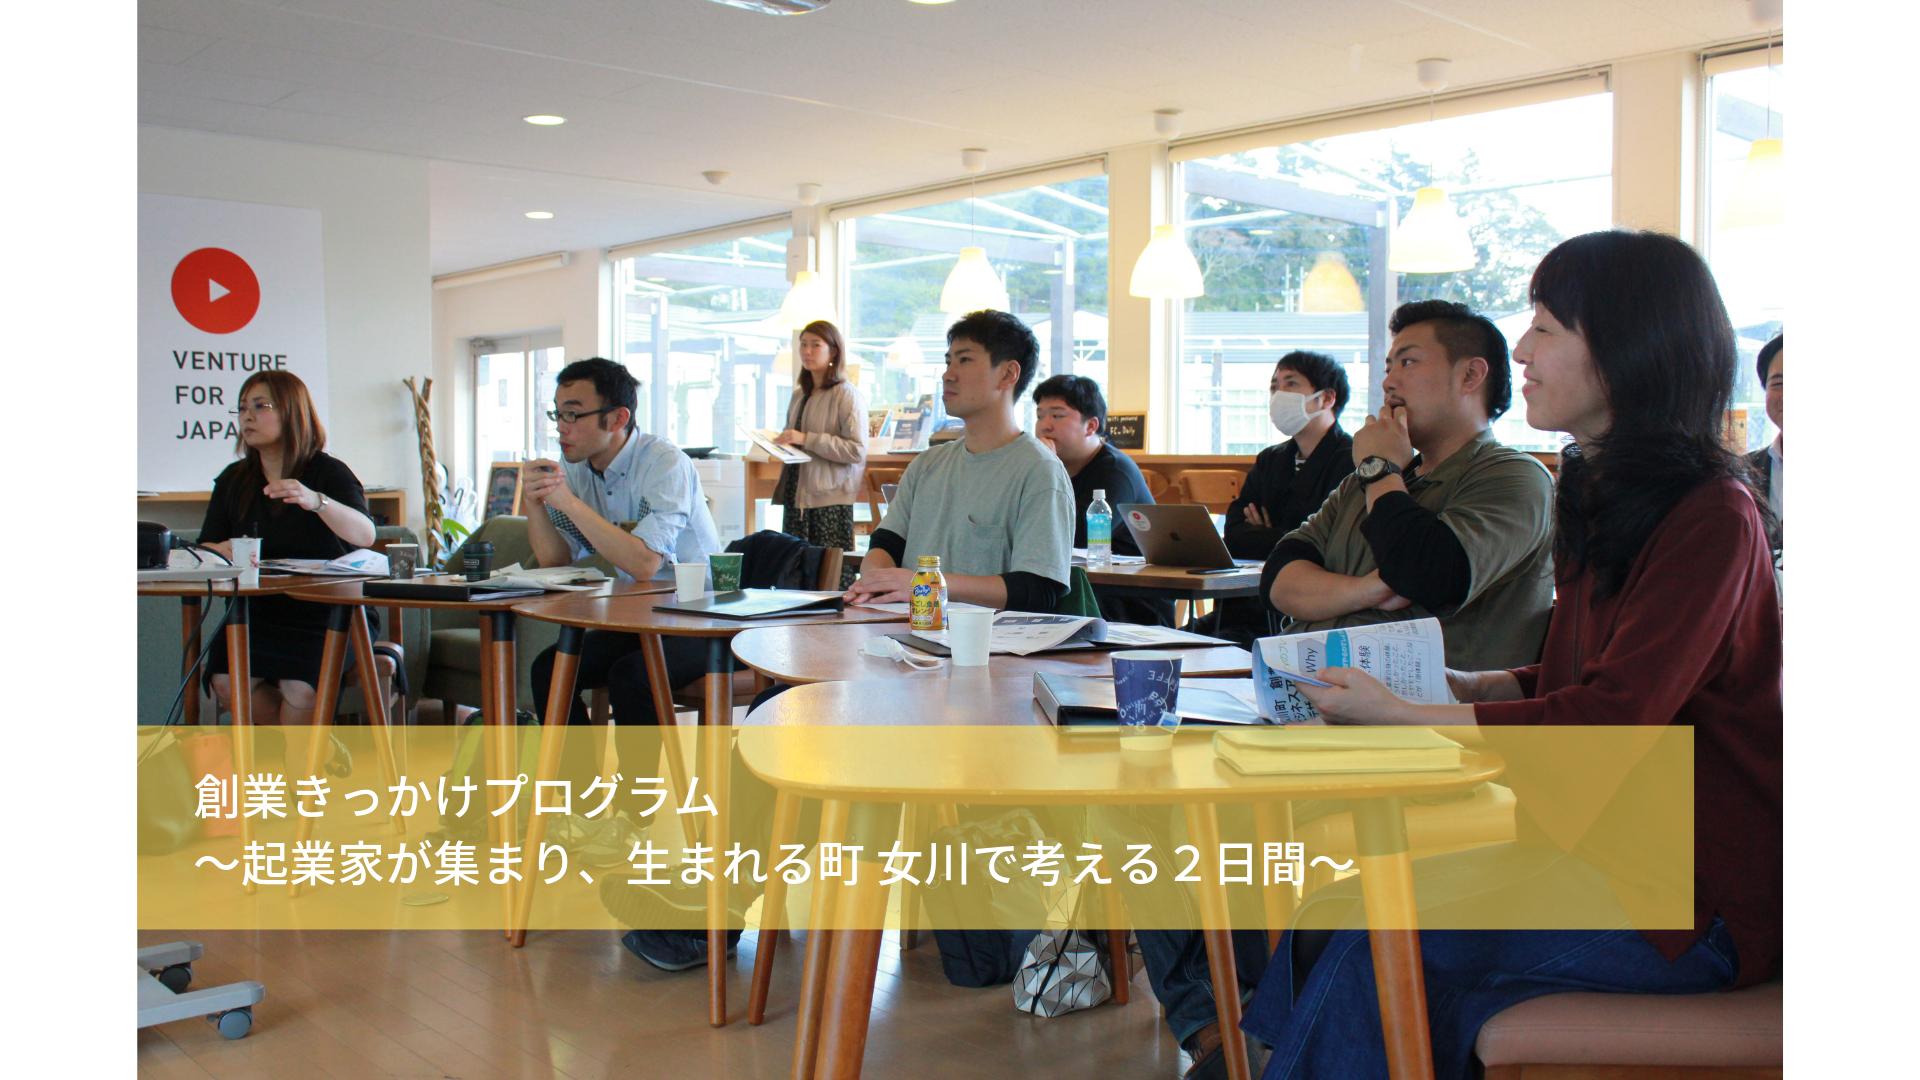 <募集開始>創業きっかけプログラム〜起業家が集まり、生まれる町 女川で考える2日間〜